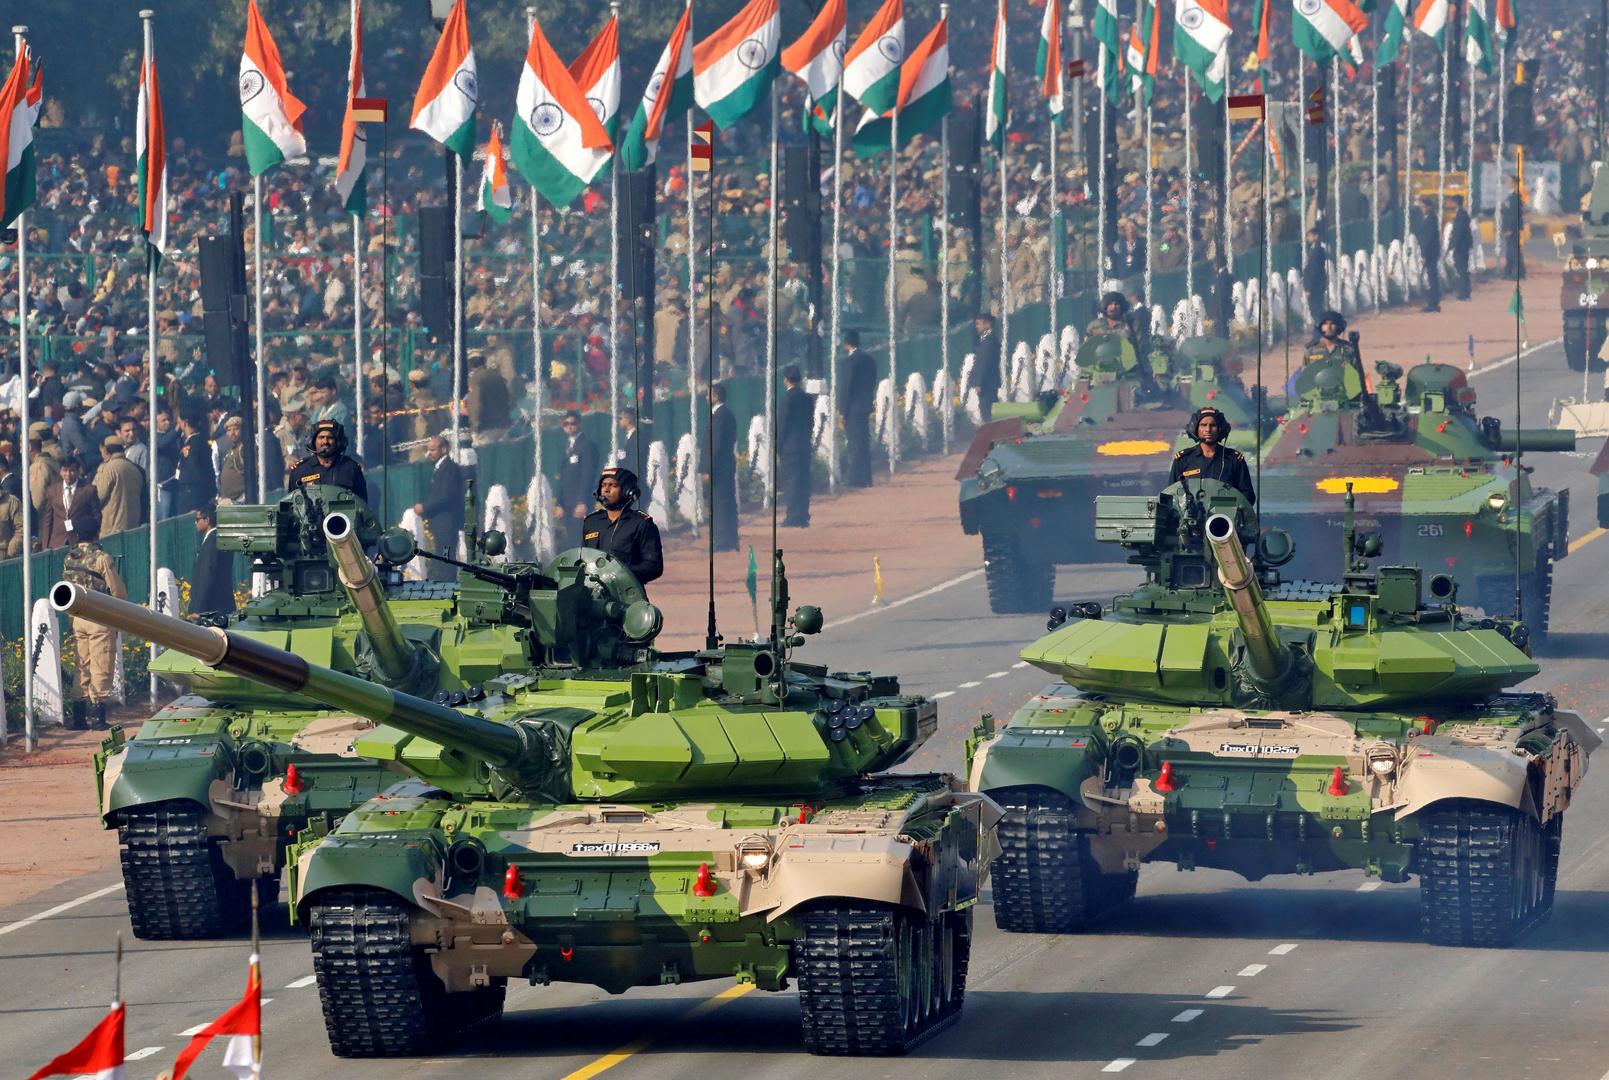 استعراض للقوات المسلحة الهندية في نيودلهي في 2019. الصورة: أرشيف.